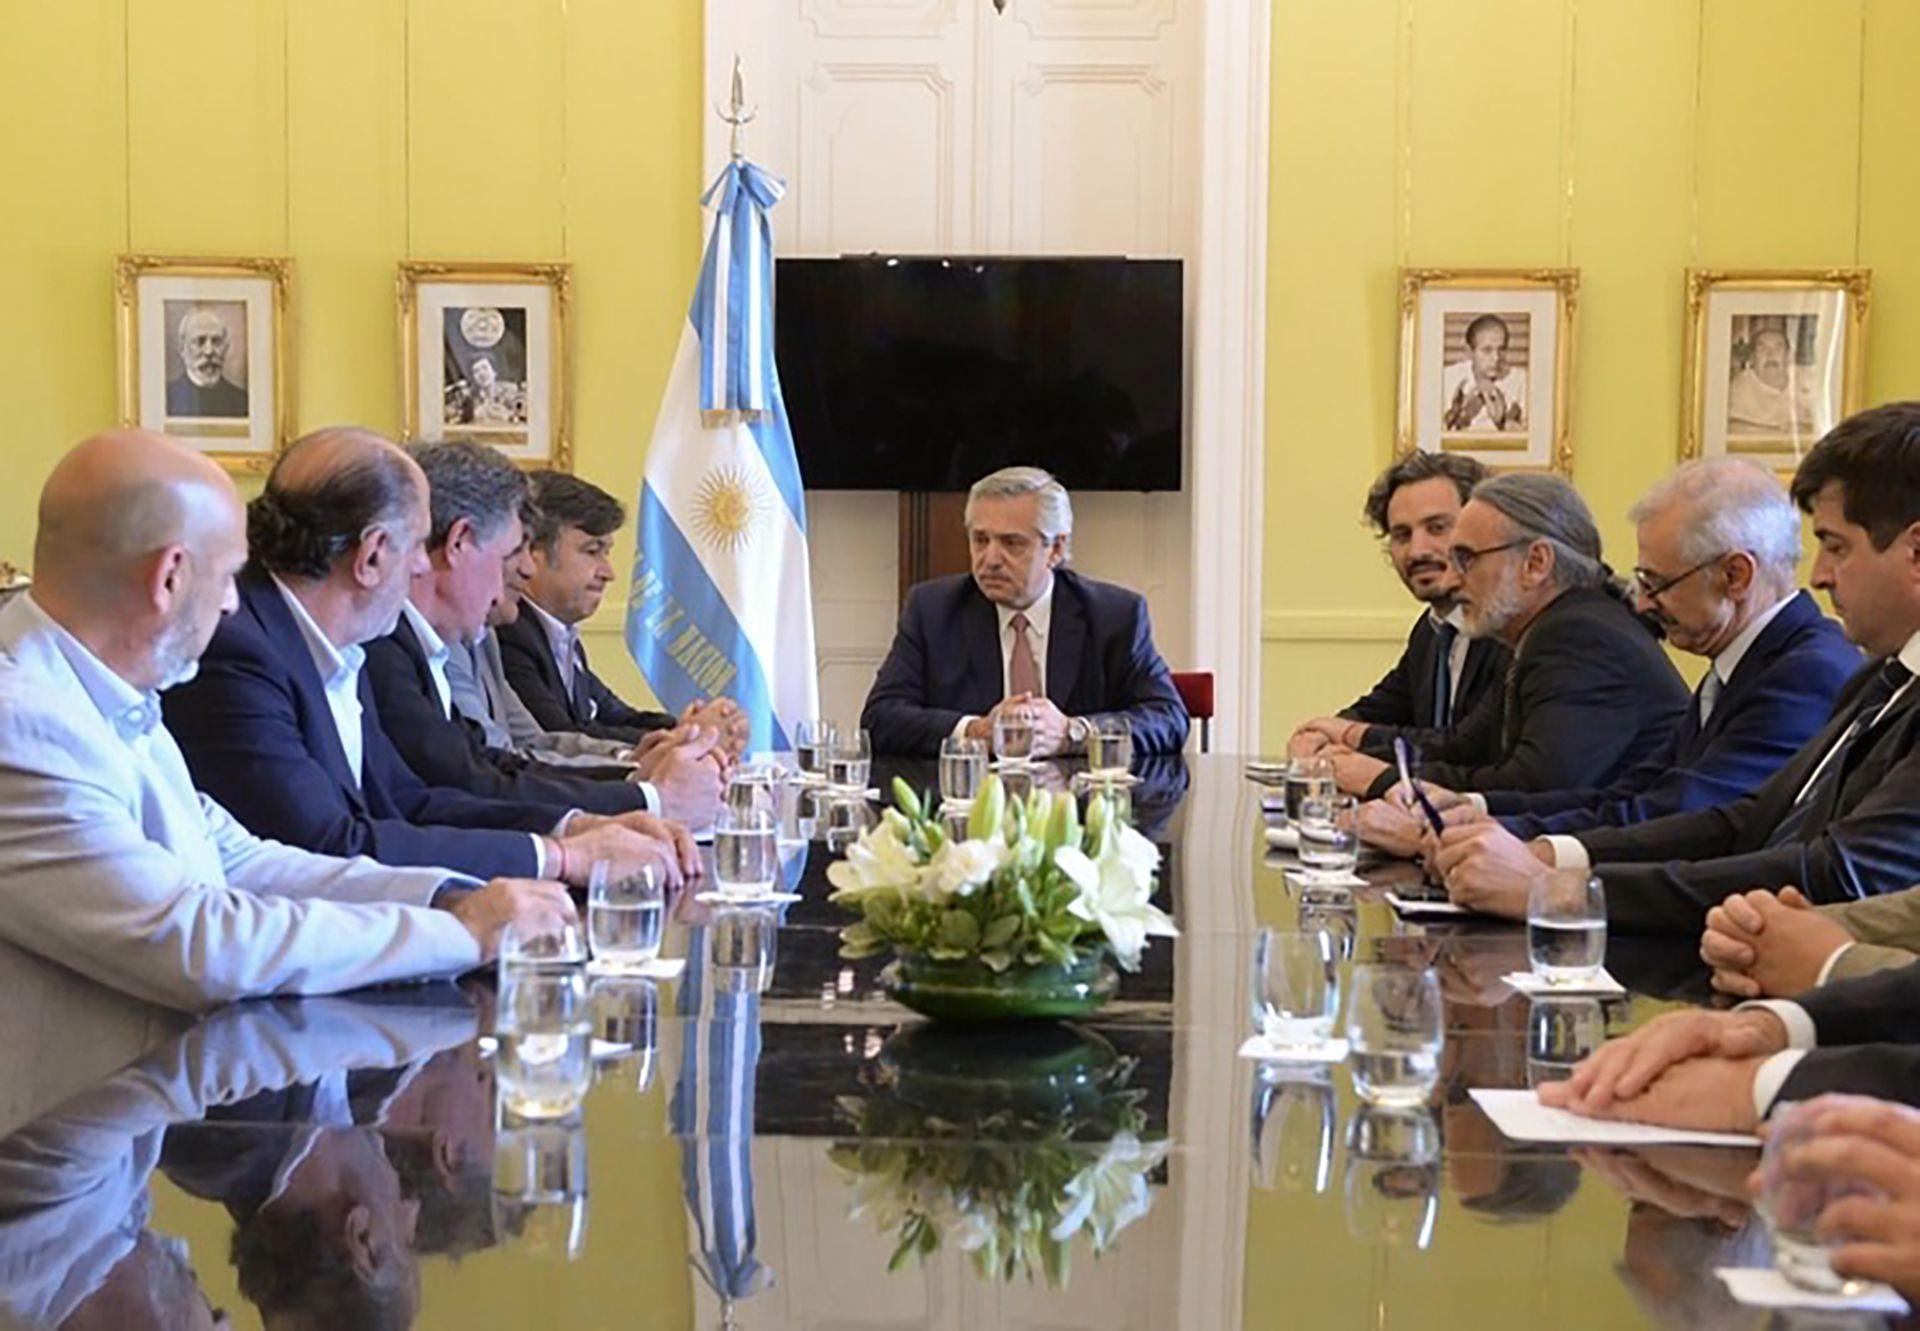 23 de diciembre de 2019, última reunión de Alberto Fernández y la Mesa de Enlace, Fue en Casa de Gobierno. (Presidencia)